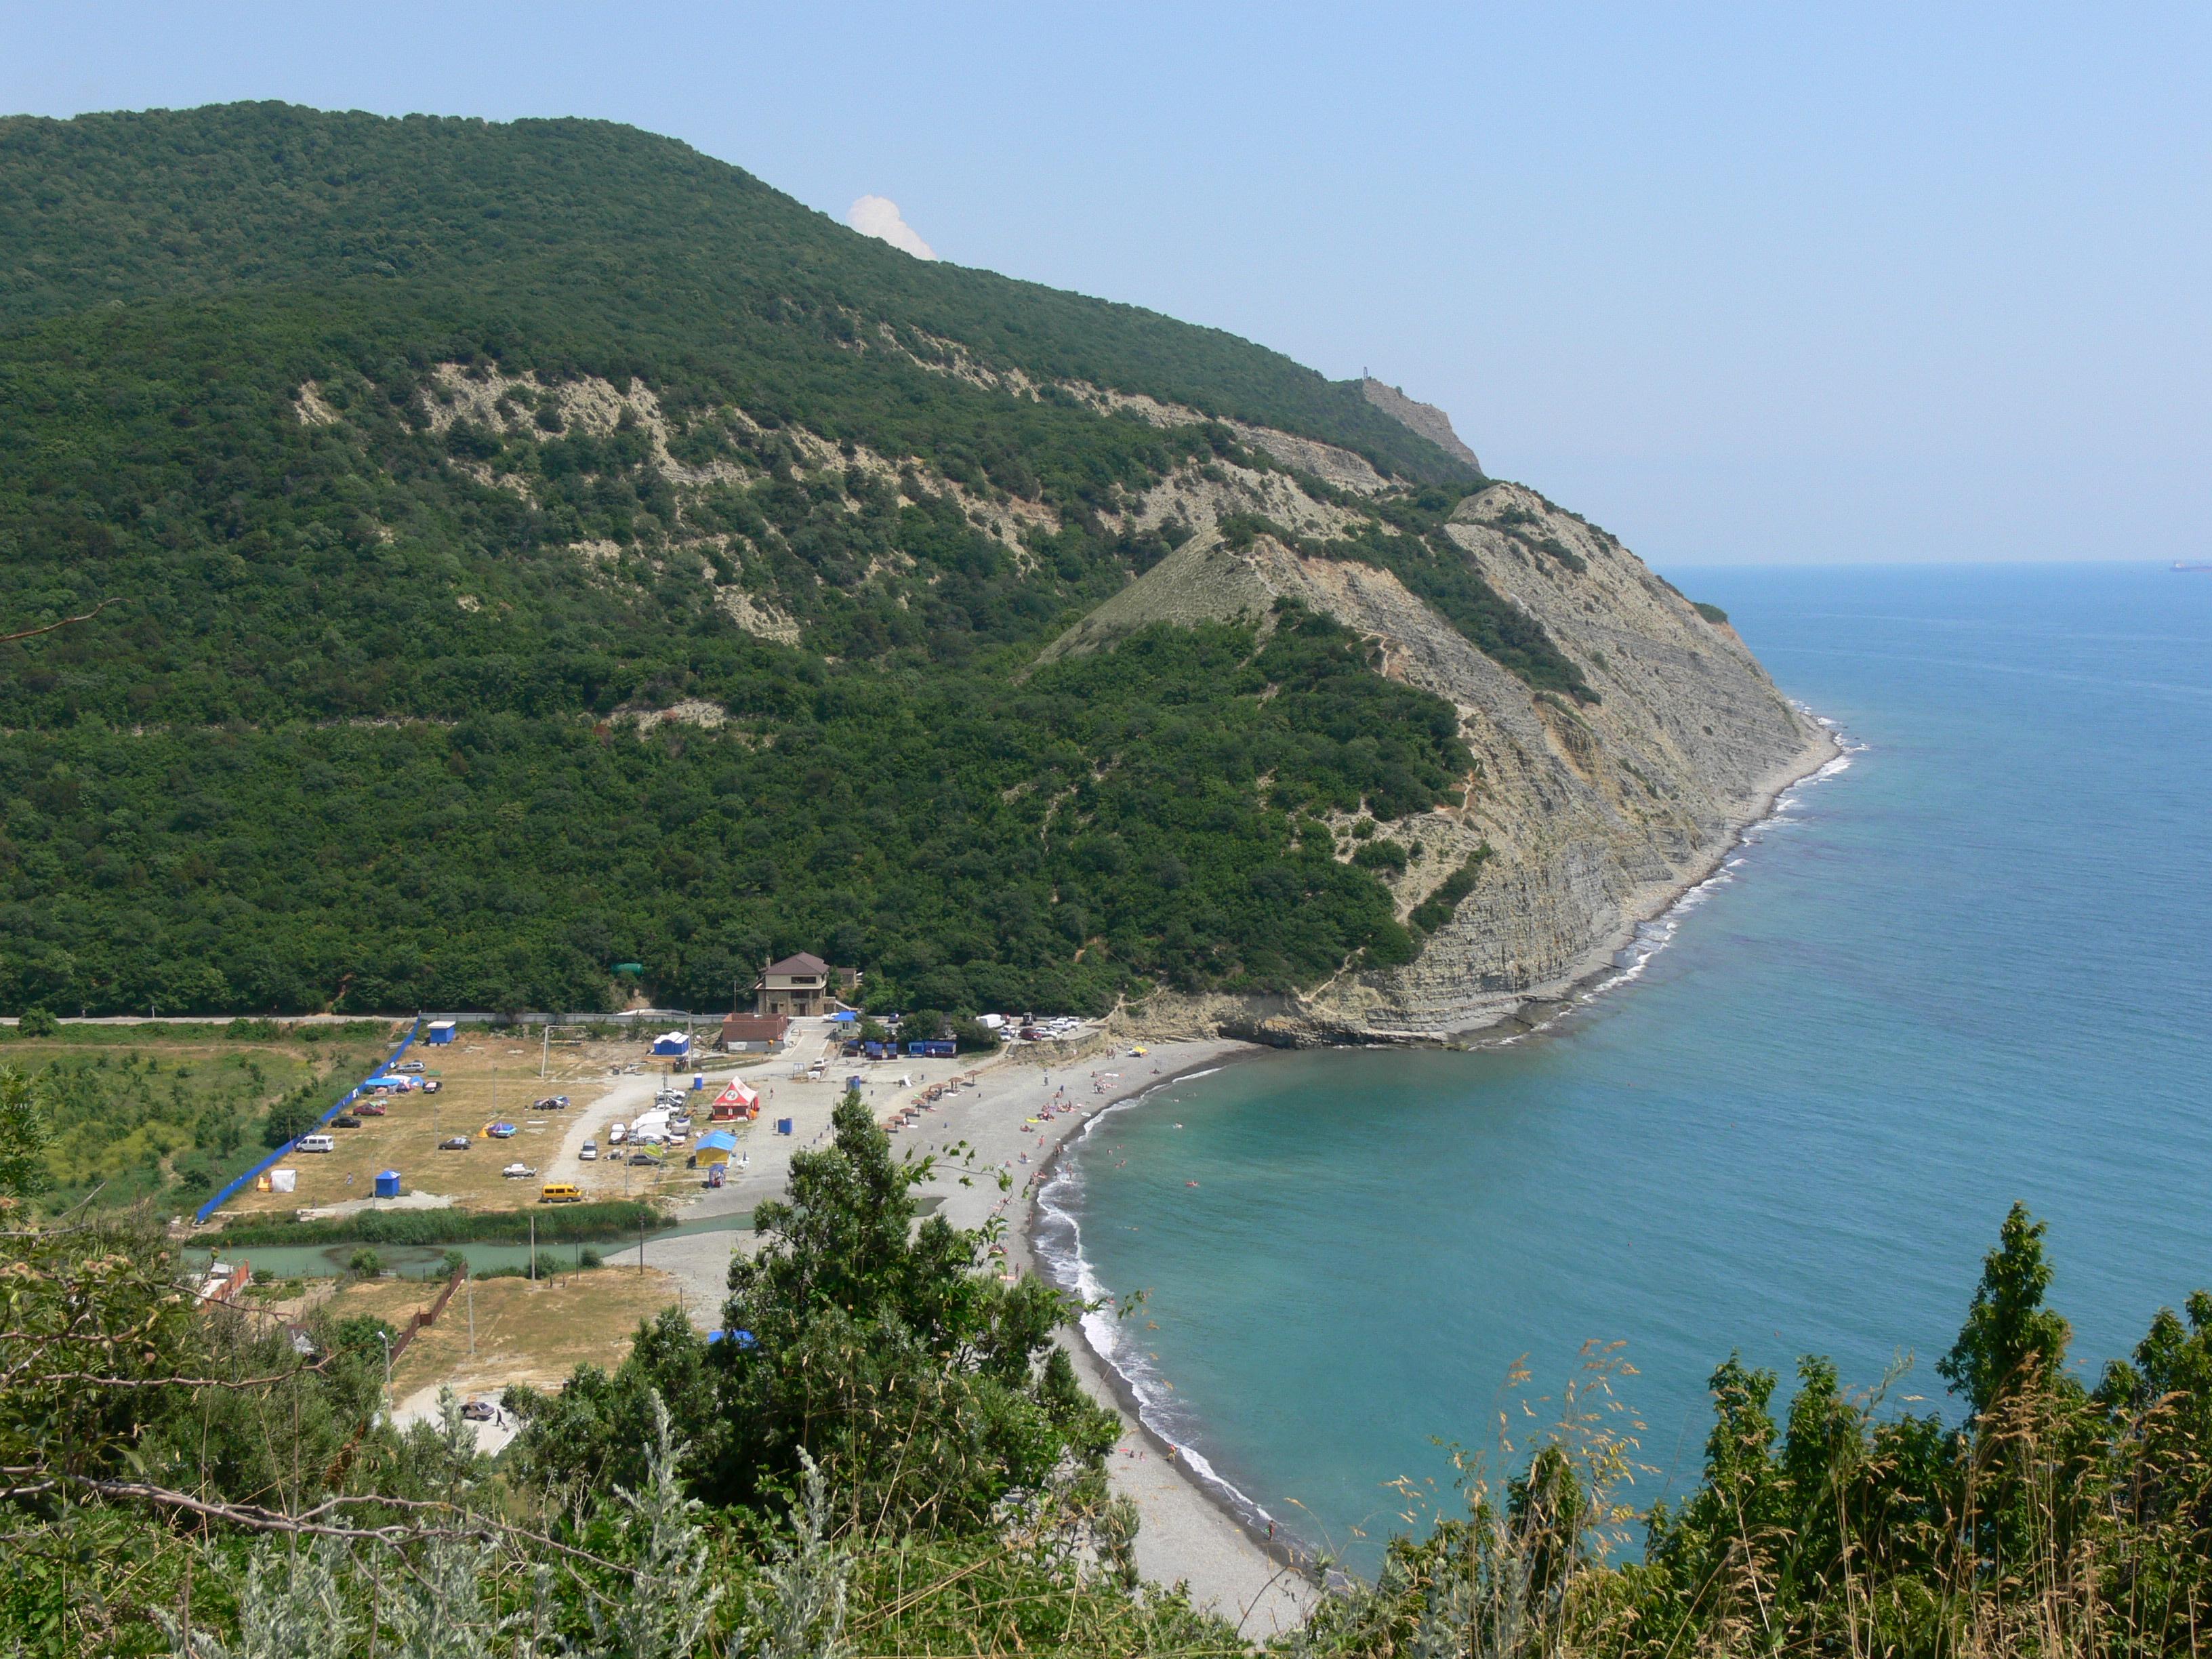 Поселок дюрсо фото поселка и пляжа